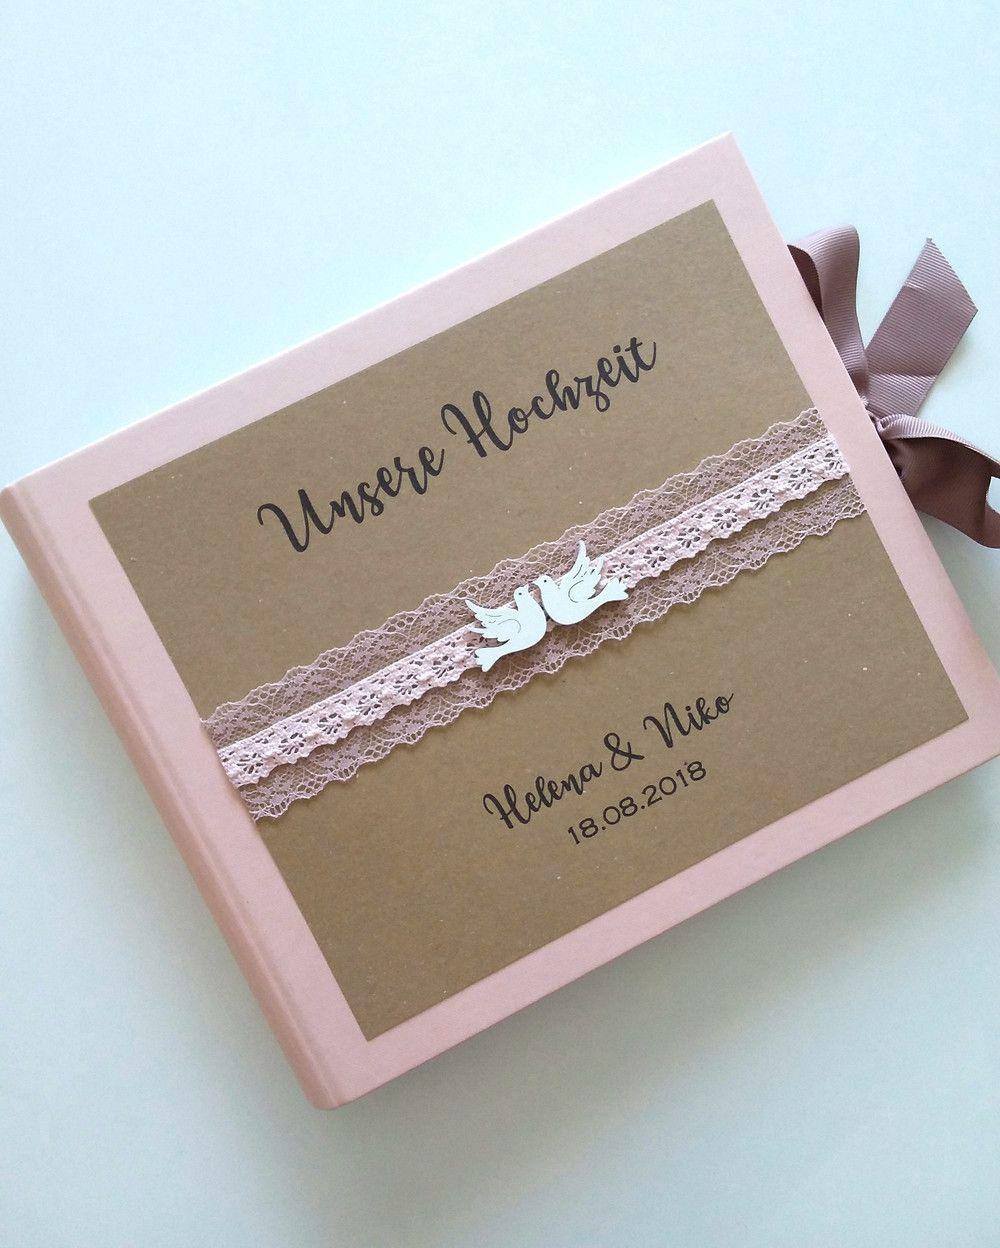 Gastebuch Hochzeit Herzen Awesome Festliche Karten Und Mehr Gastebuch Vintage Altrosa Rosa